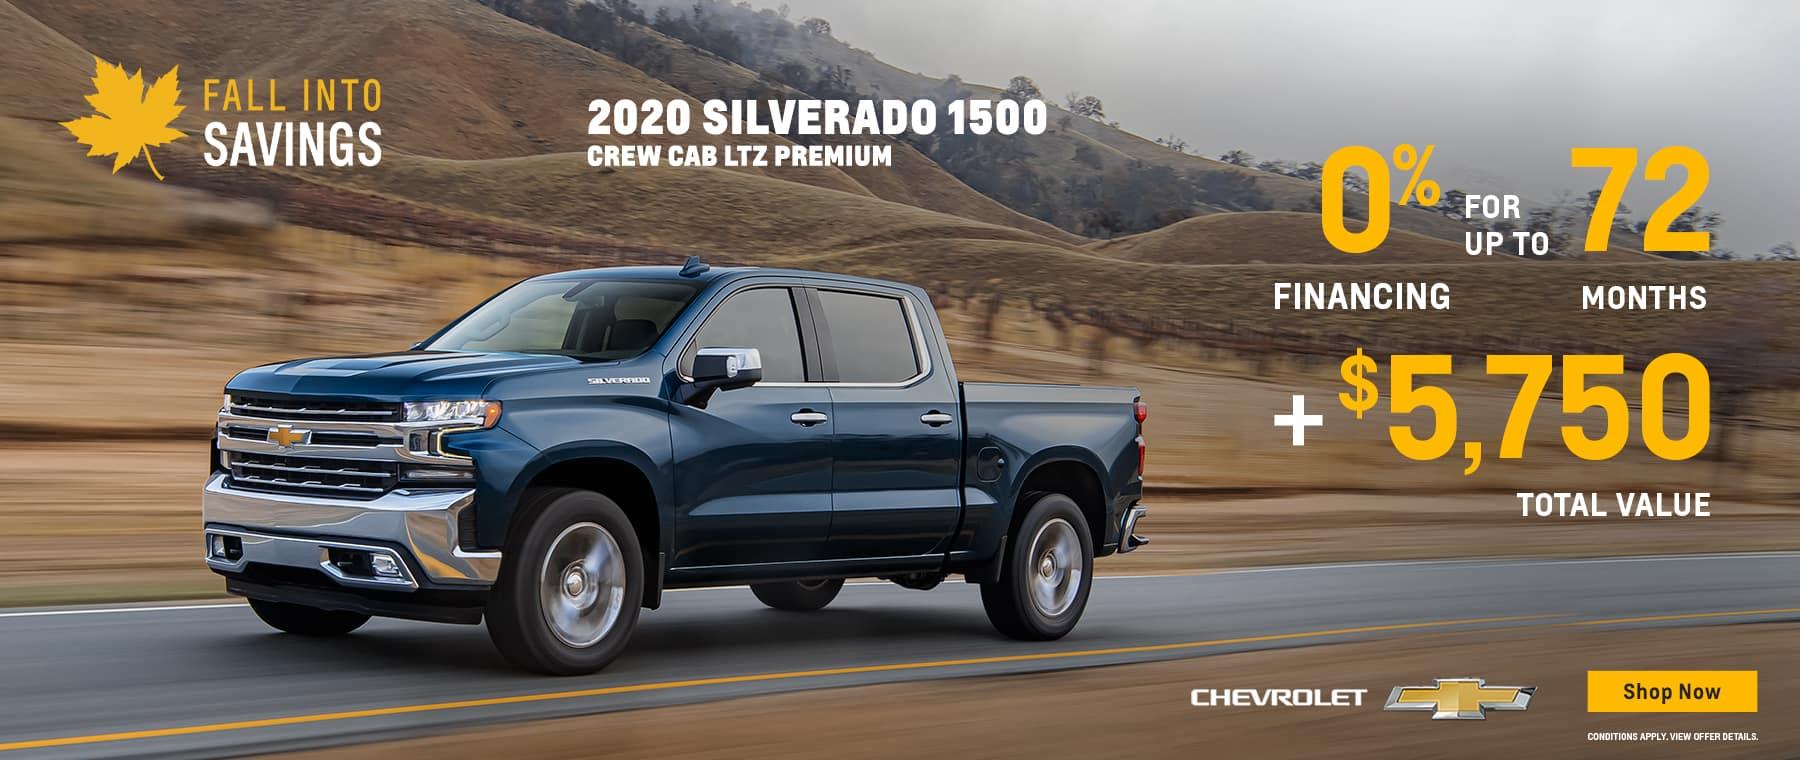 2020_OCT_WST_Chevy_T3_EN_1800x760_SILVERADO-1500